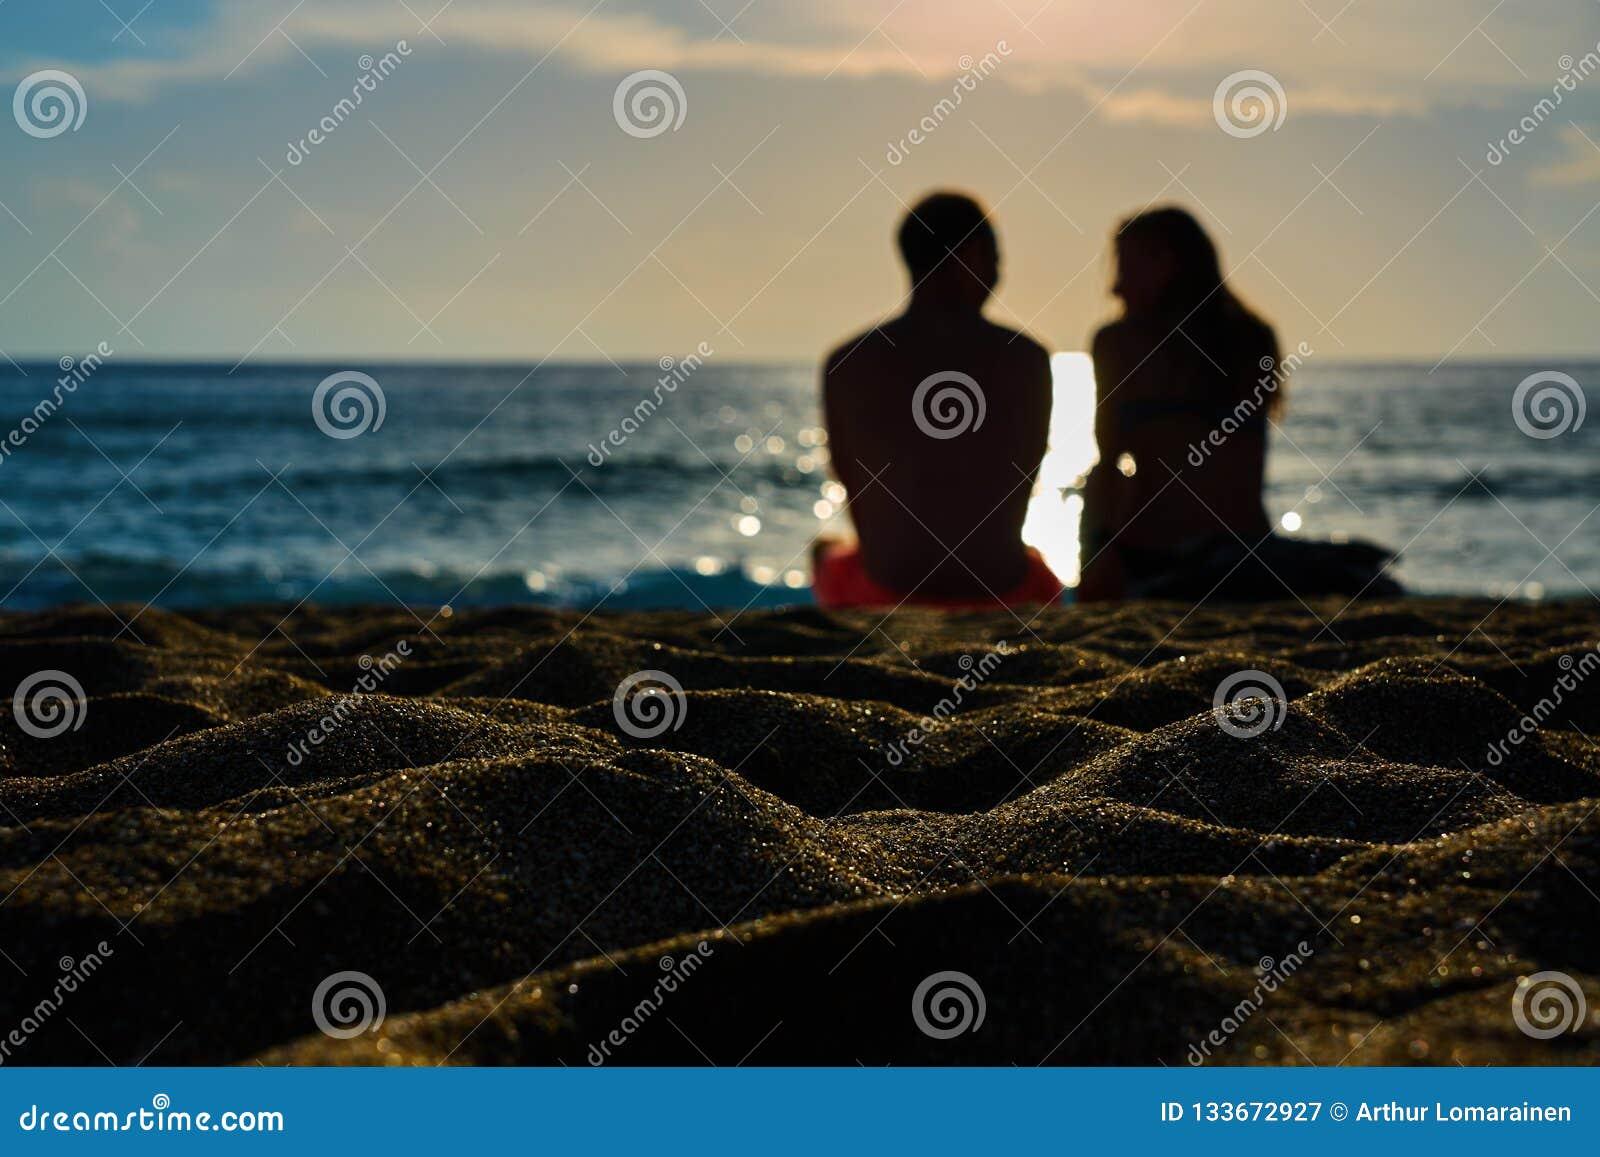 Konturer av par, en man och en kvinna sitter på en sandig strand och ser solnedgången på havet på en semester